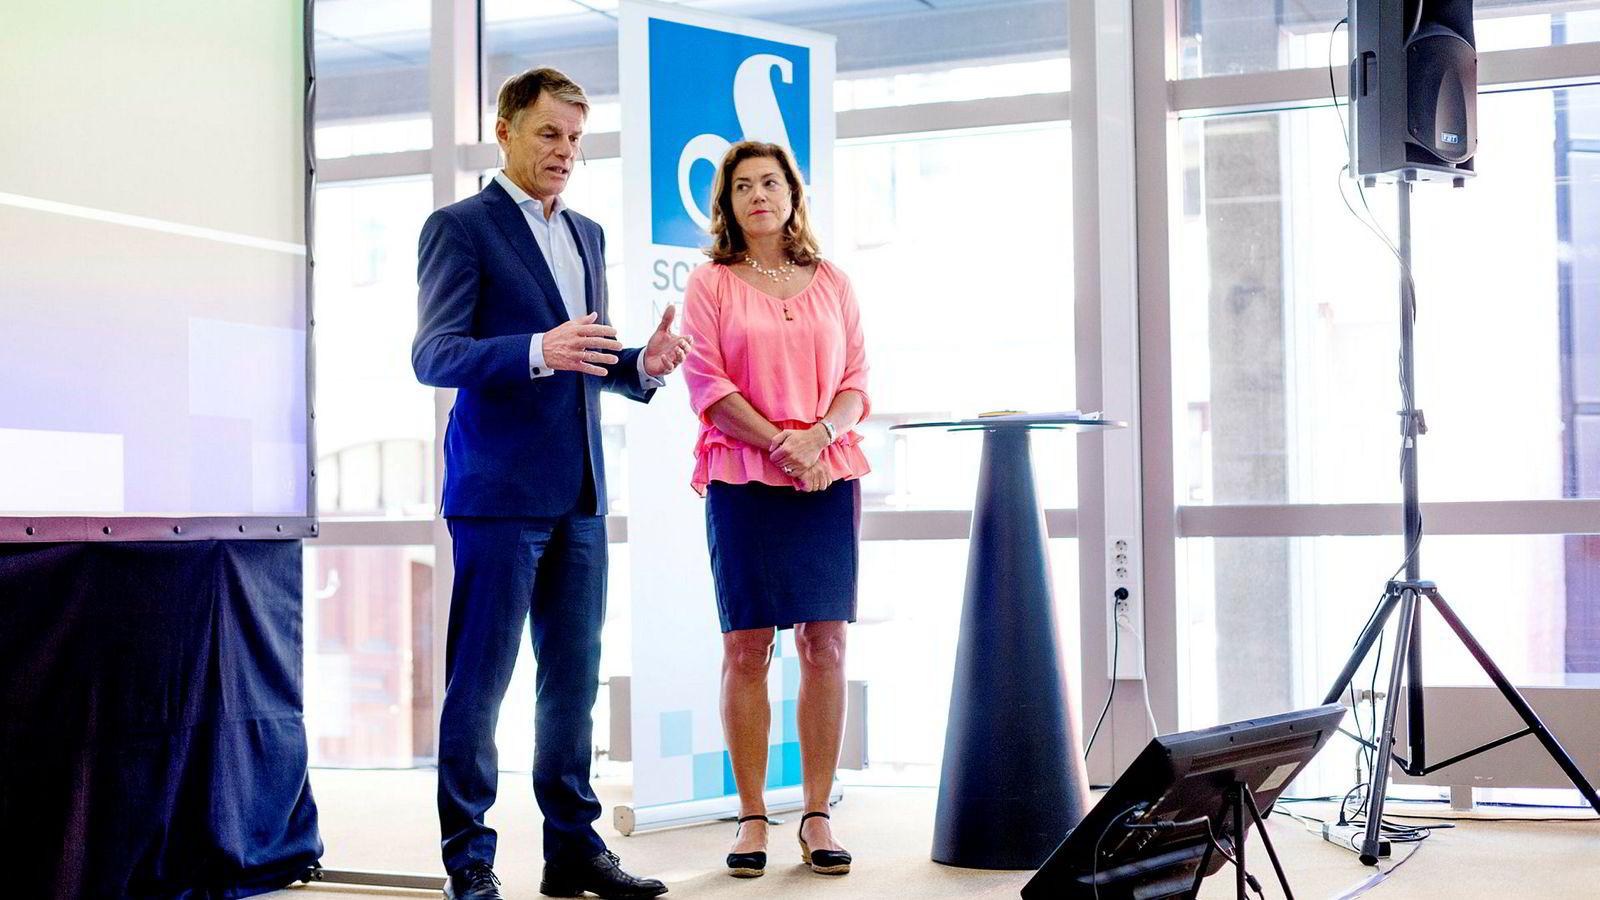 Konsernsjef i Schibsted Kristin Skogen Lund presentert konsernets resultat for andre kvartal 2019. Til venstre: finansdirektør Trond Berger.